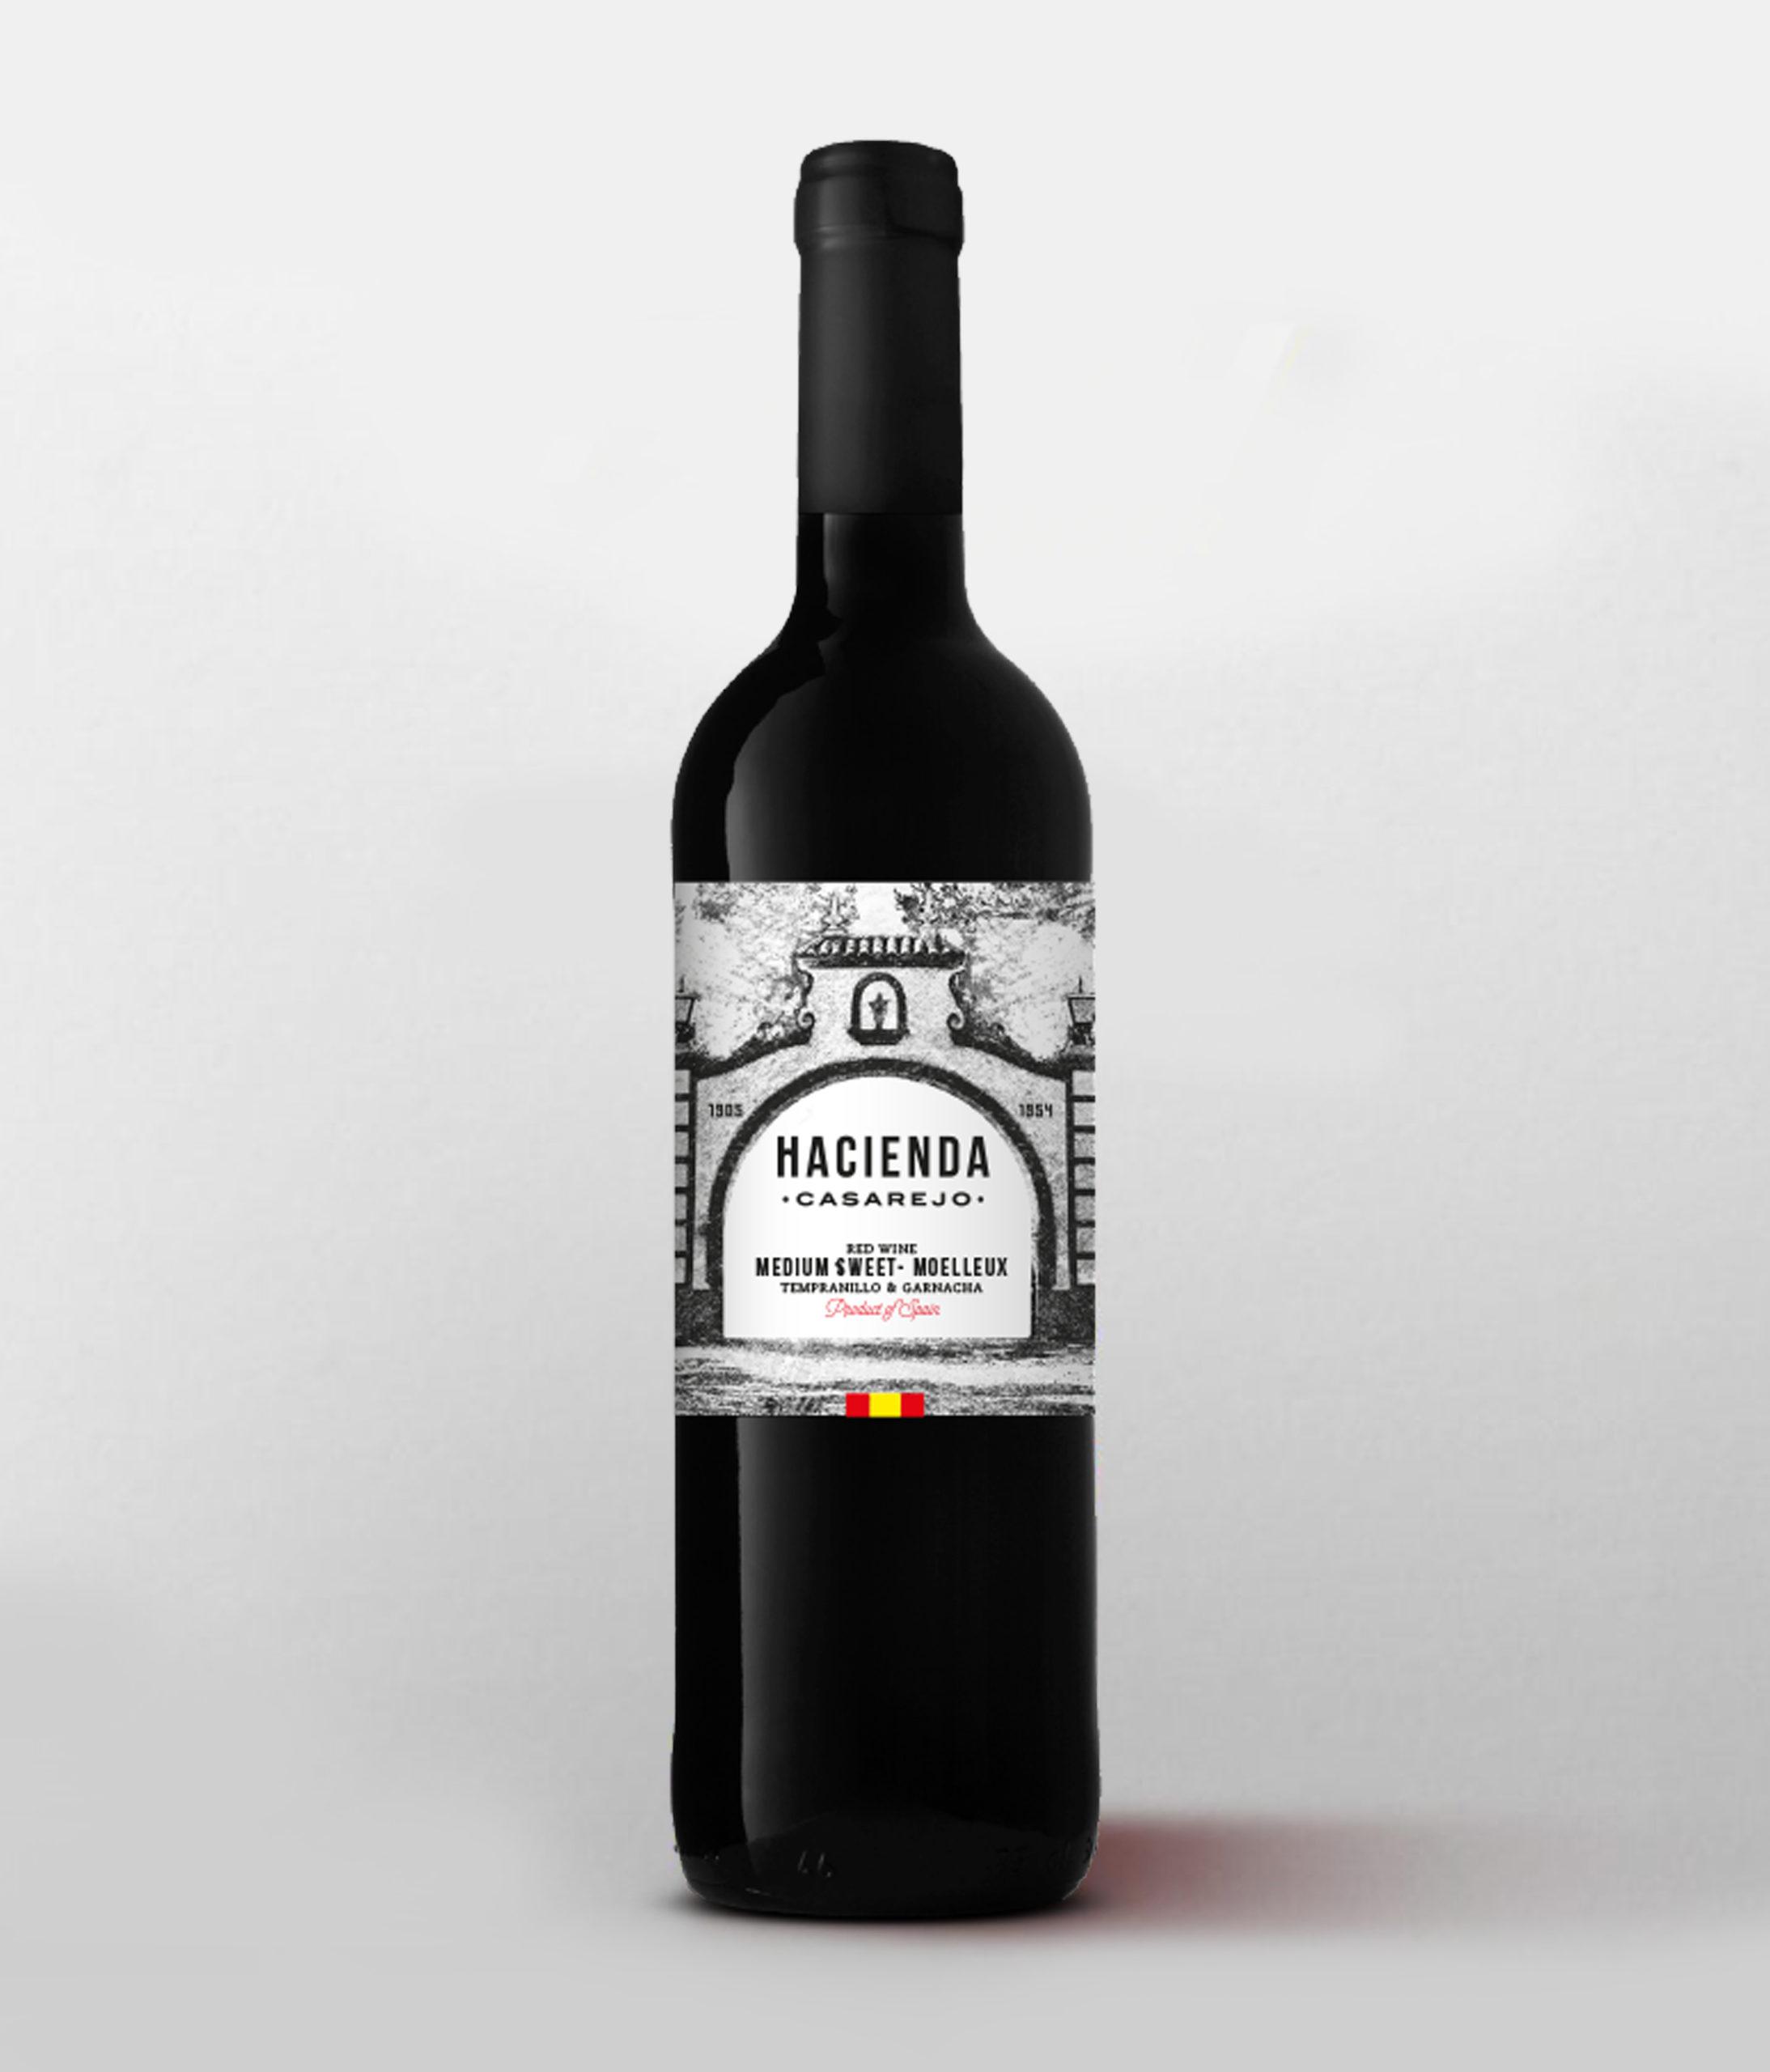 vino tinto hacienda casarejo